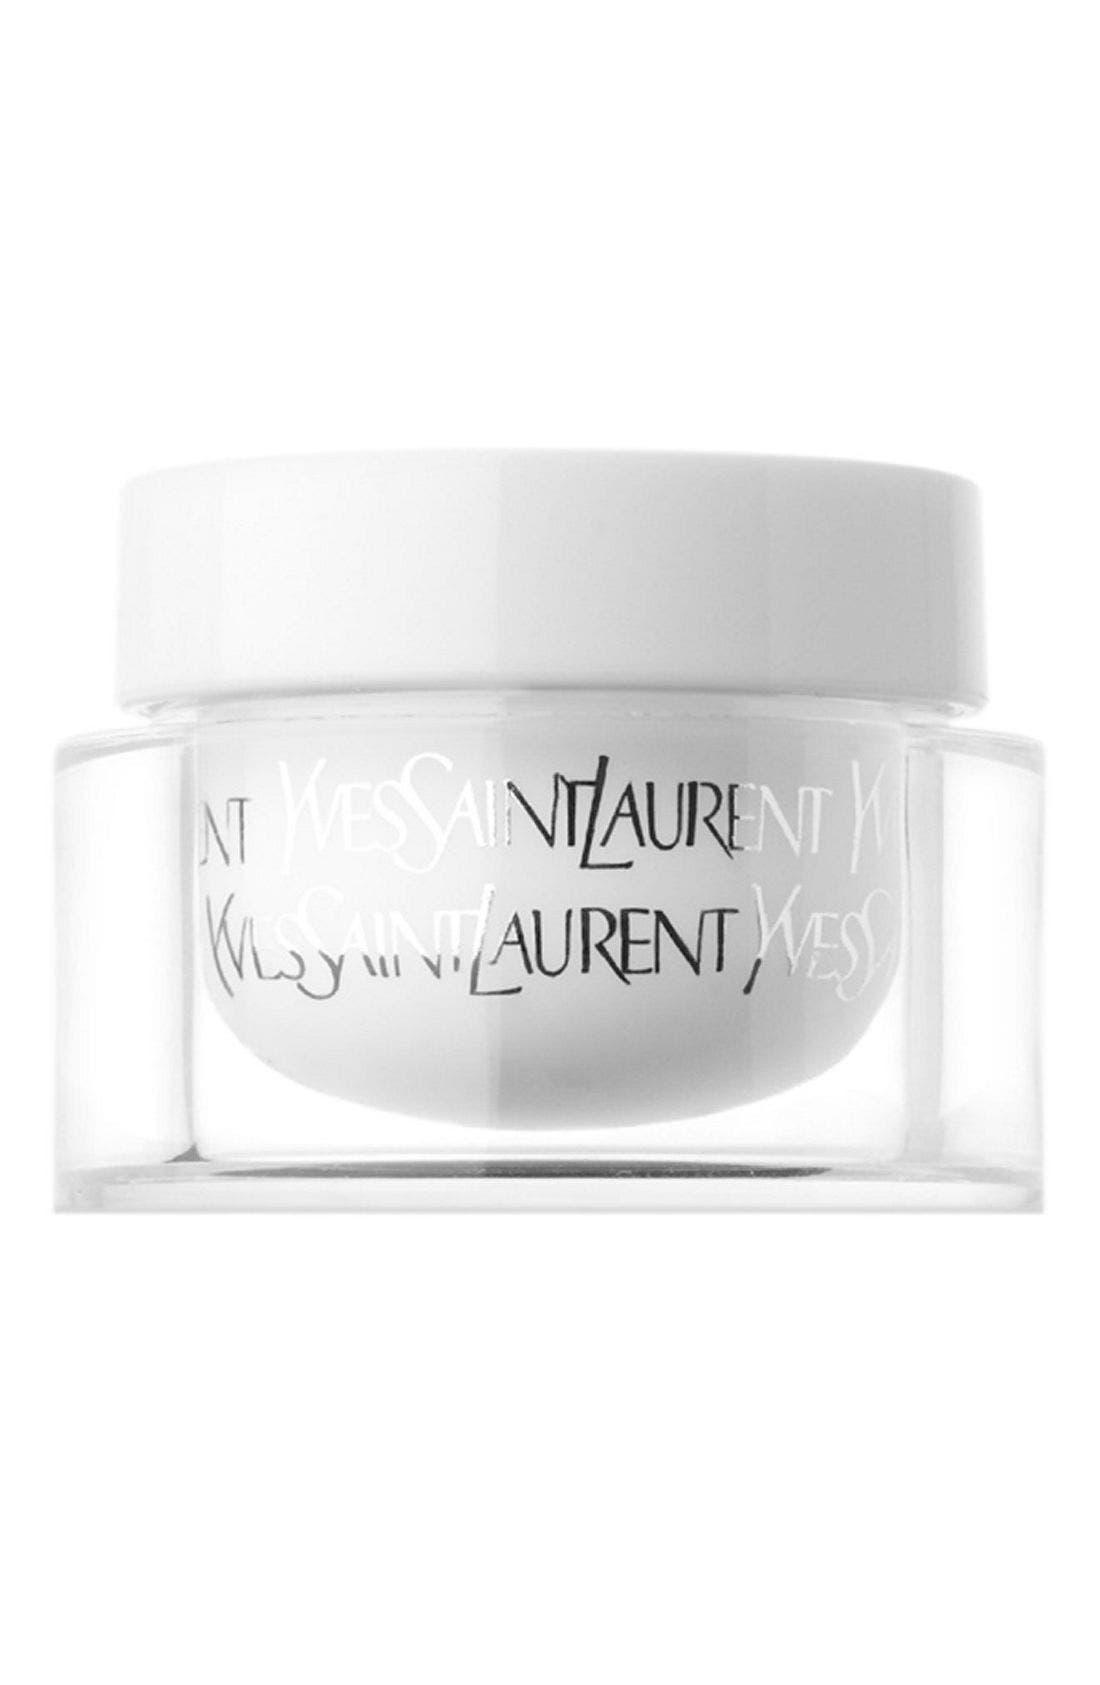 Yves Saint Laurent 'Temps Majeur' Eye Contour